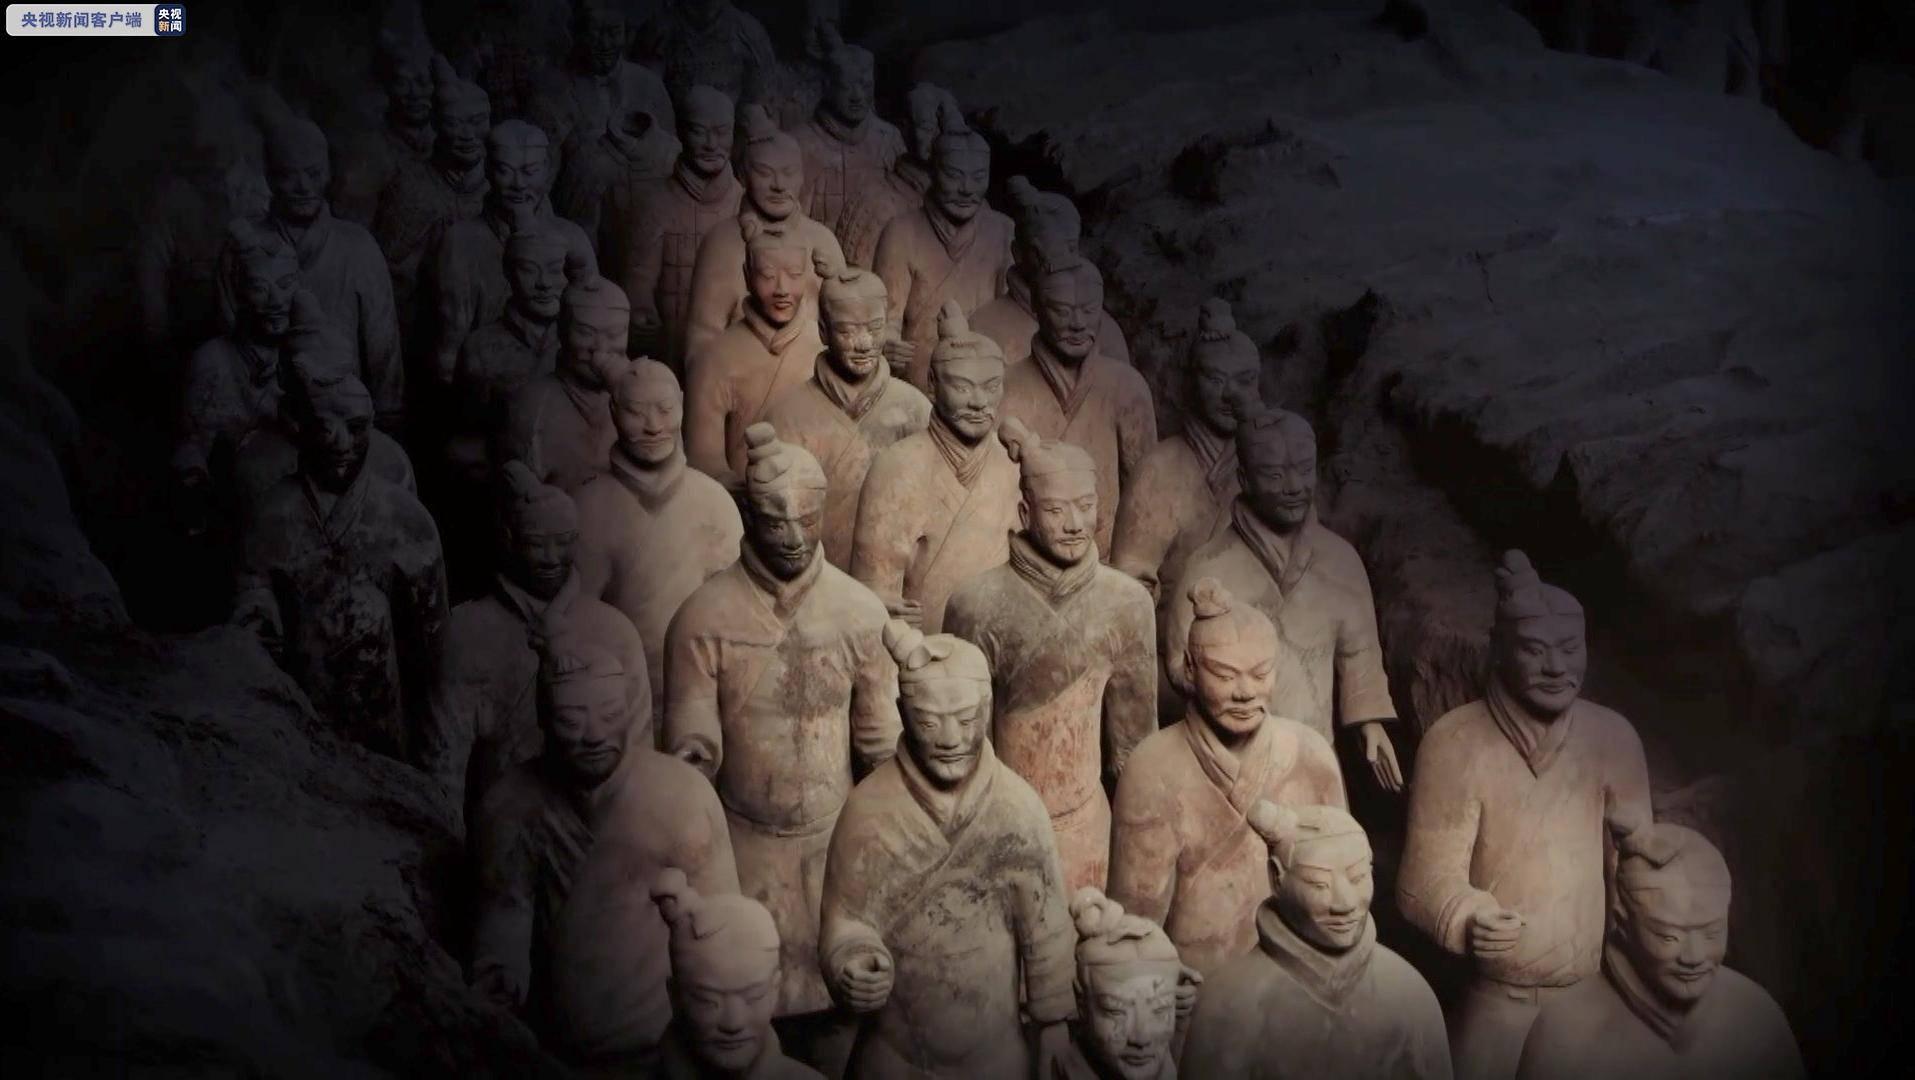 秦始皇陵兵马俑端午节期间需提前预约单日限流8000人